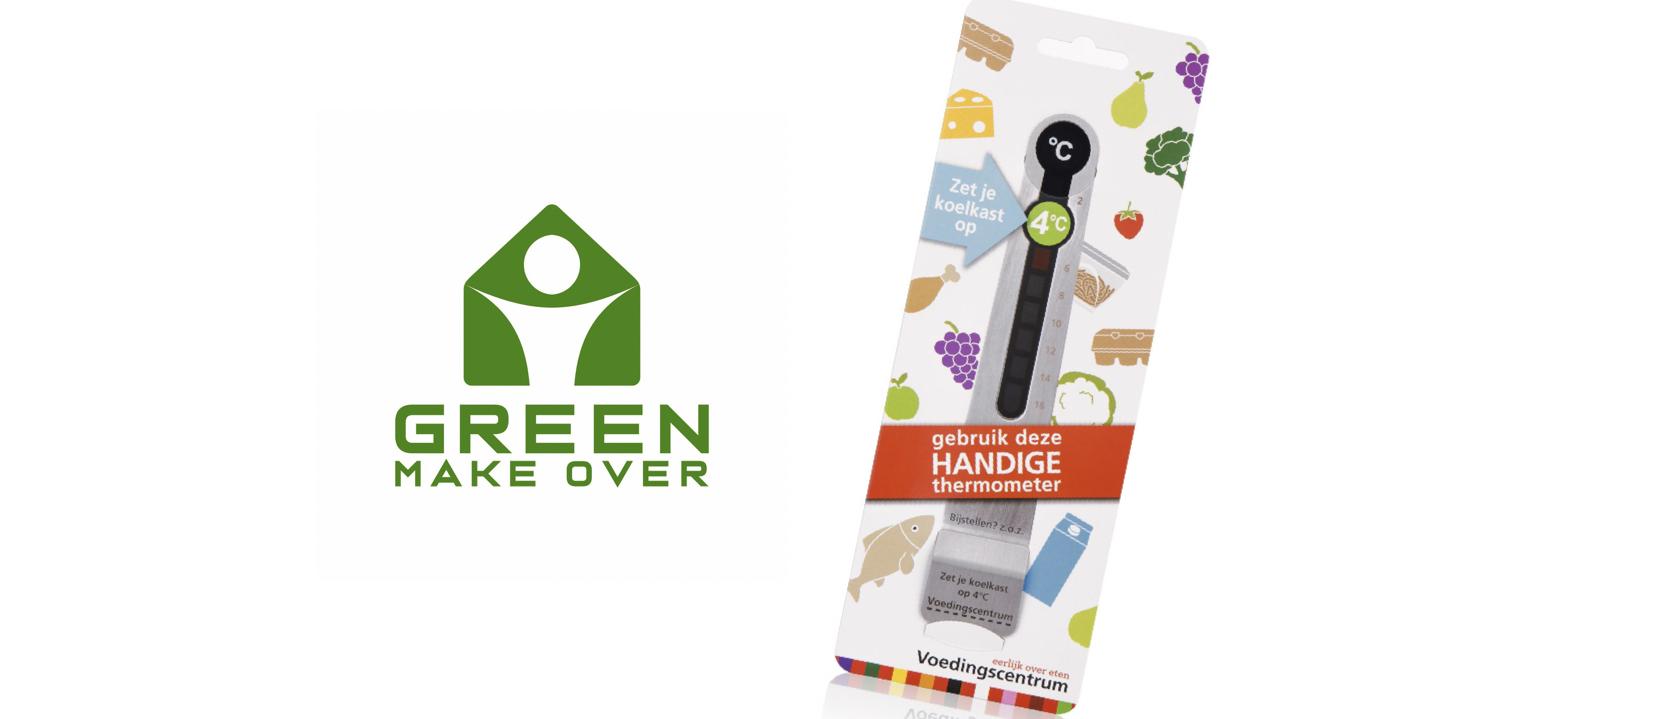 Tip uit Green Make Over: Bestel een gratis koelkastthermometer